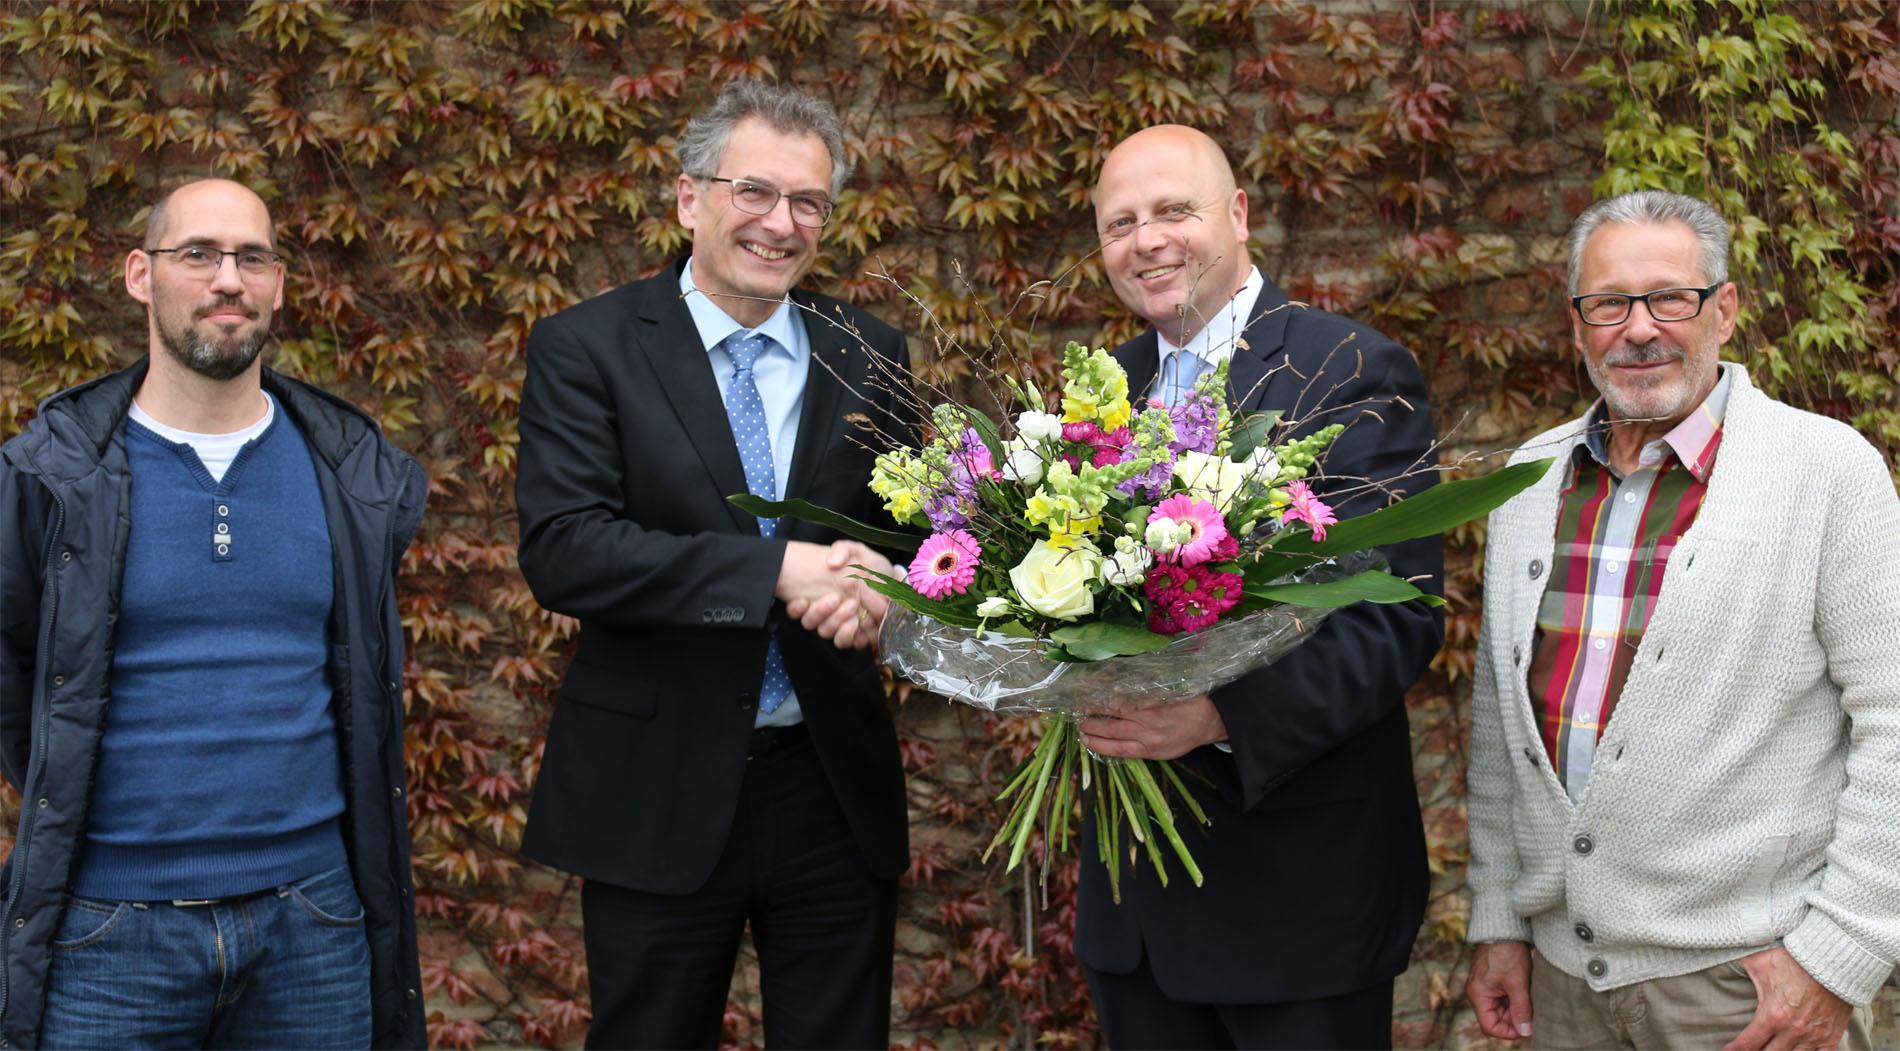 Quartettverein Vorsitzender Manfred Speuser überreicht dem neuen Schirmherrn, Dr. Klaus Tiedeken, einen Blumenstrauß und freut sich gemeinsam mit seinen Vorstandskollegen Björn Hackbarth (links) und Theo van Peij über die offizielle Ernennung. [Foto: Bastian Schlößer]